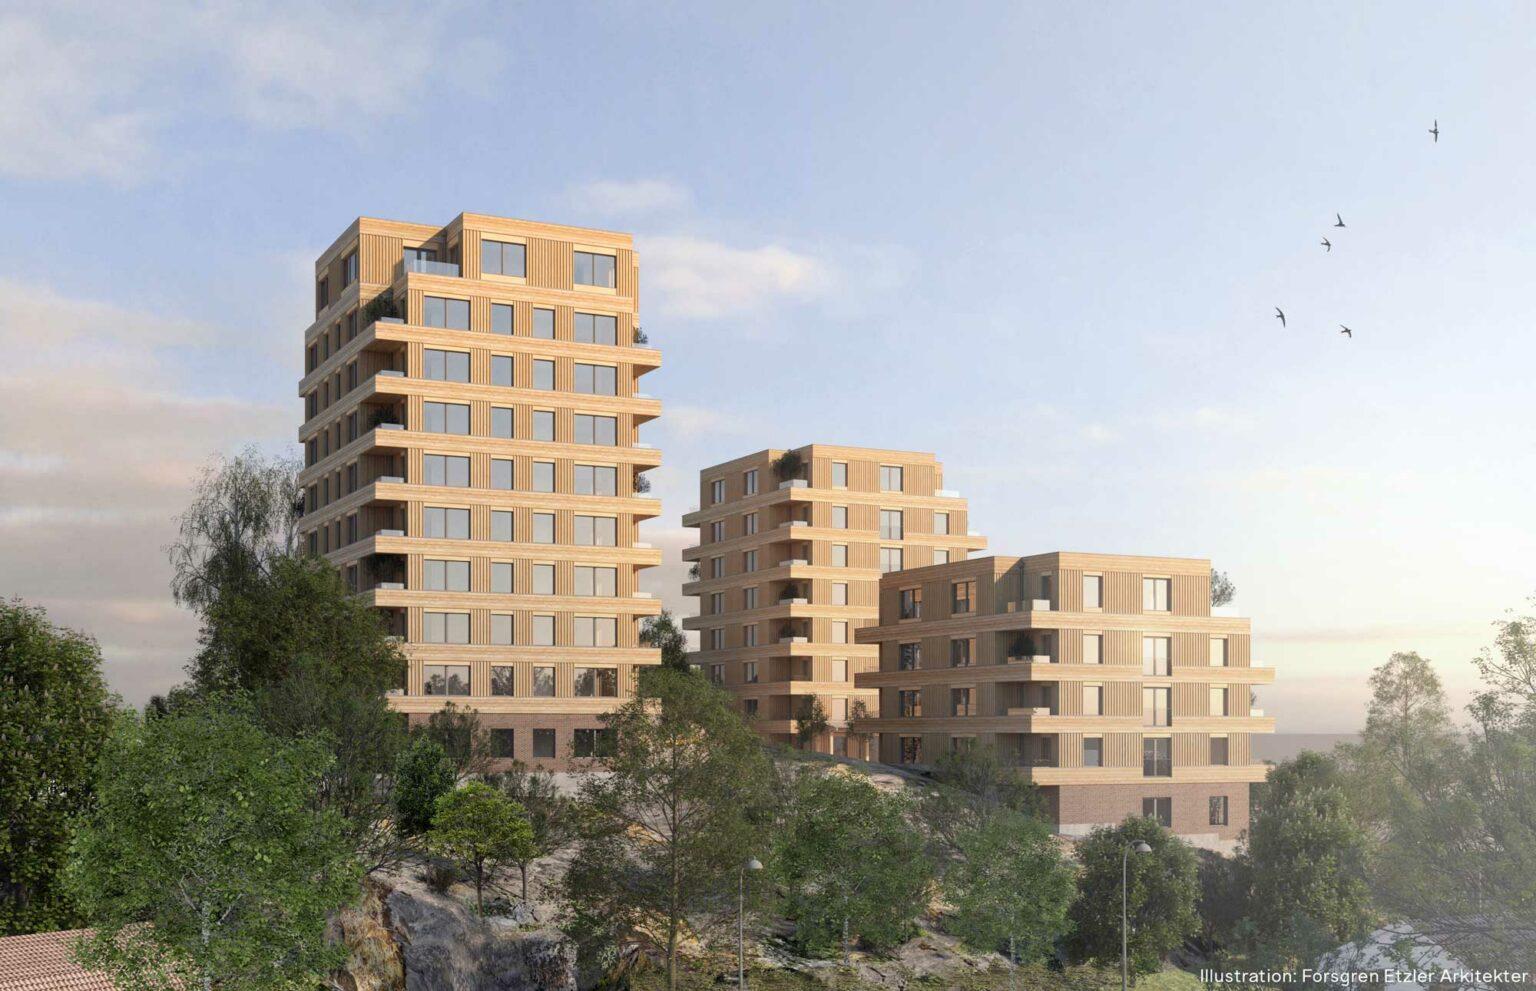 Det högre huset med bostadsrätter io förgrunden. Illustration: Forsgren Etzler arkitekter